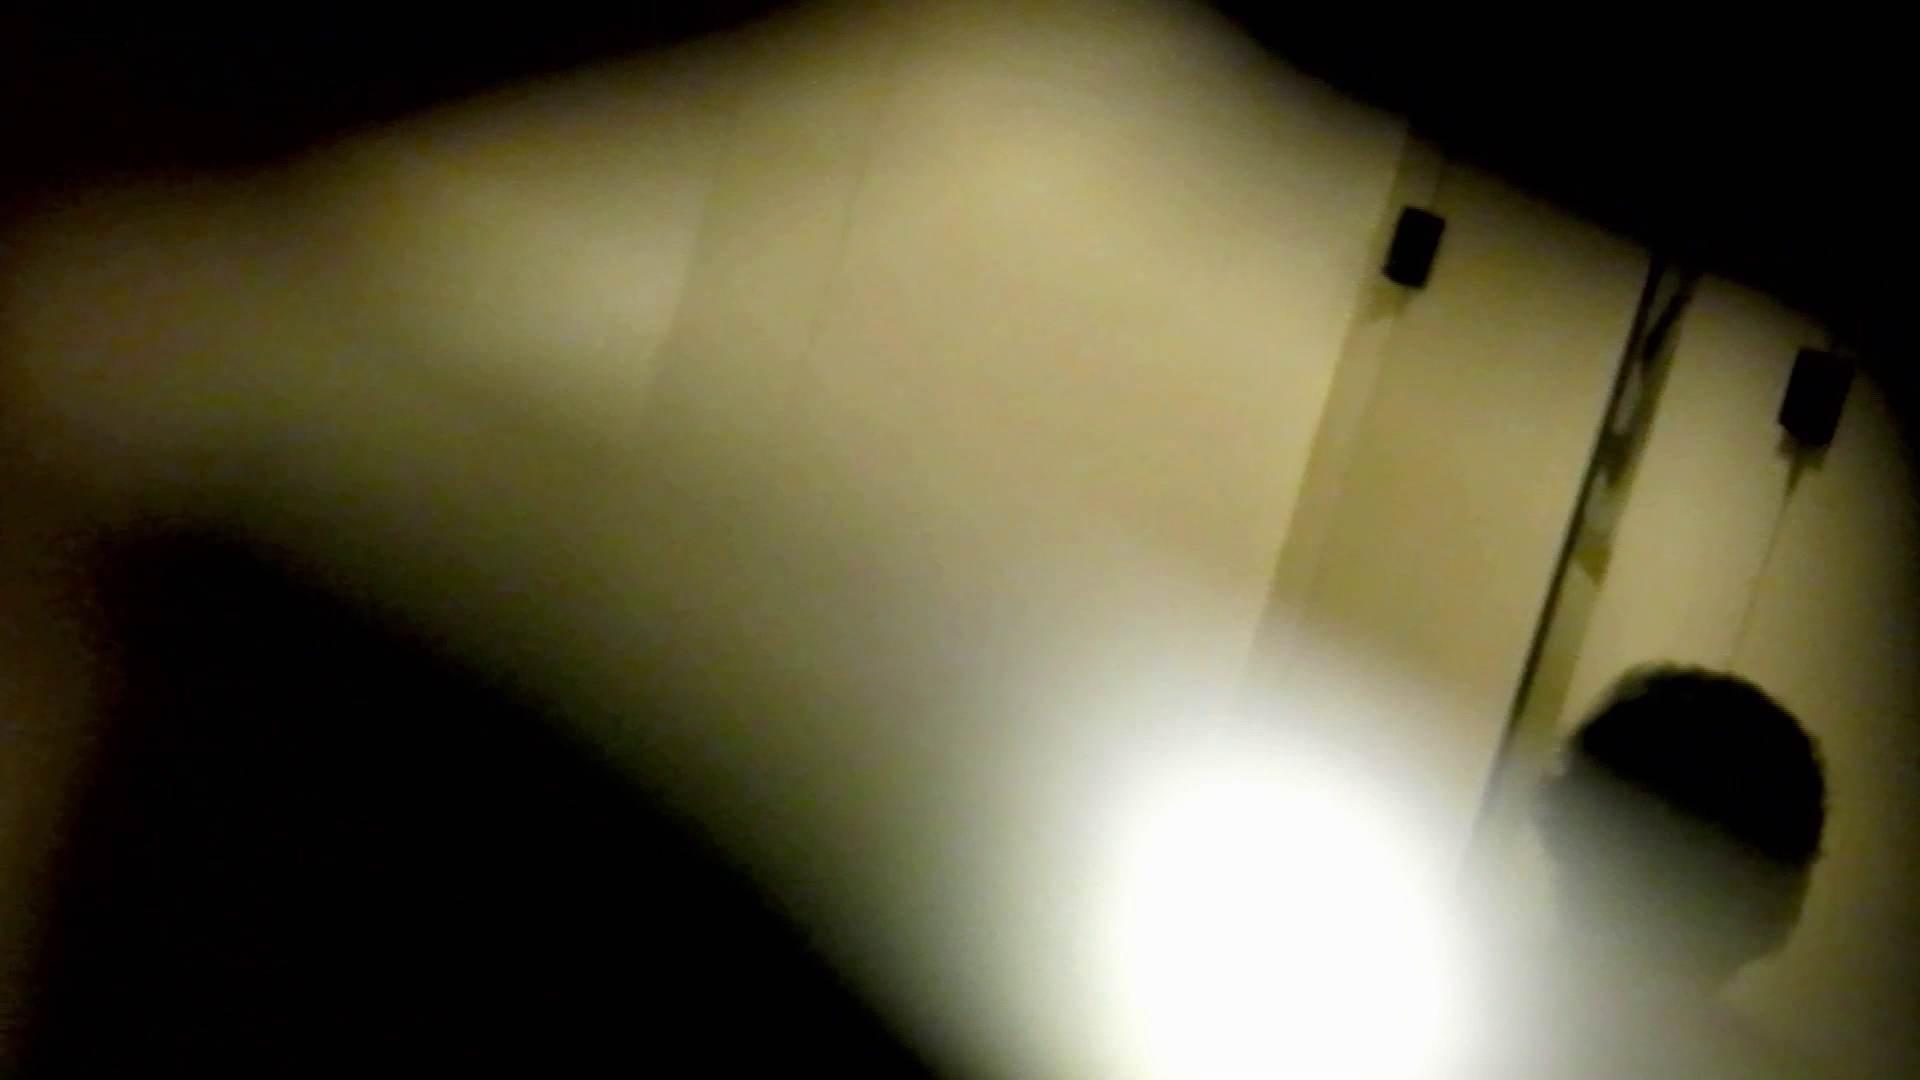 新世界の射窓 No78 トリンドル 玲奈似登場シリーズ美女率最高作! 高画質  89PIX 21